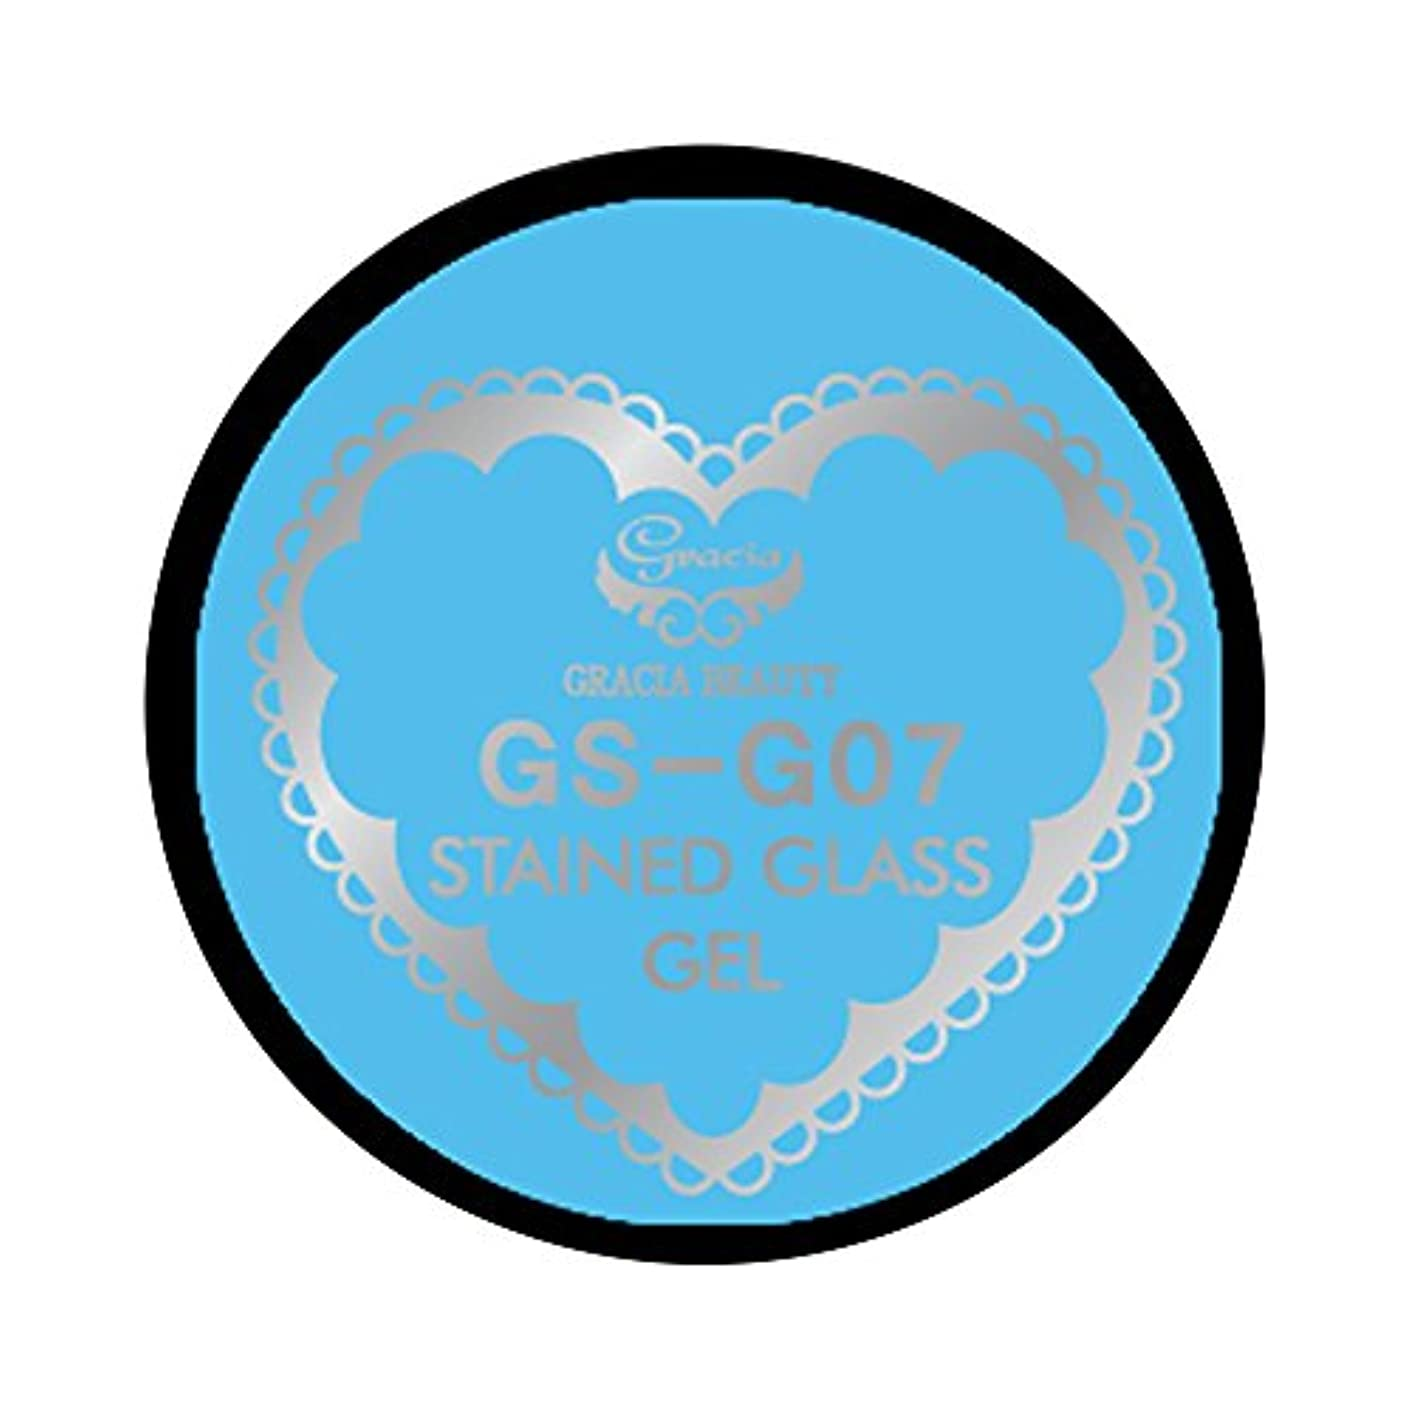 グラシア ジェルネイル ステンドグラスジェル GSM-G07 3g  グリッター UV/LED対応 カラージェル ソークオフジェル ガラスのような透明感